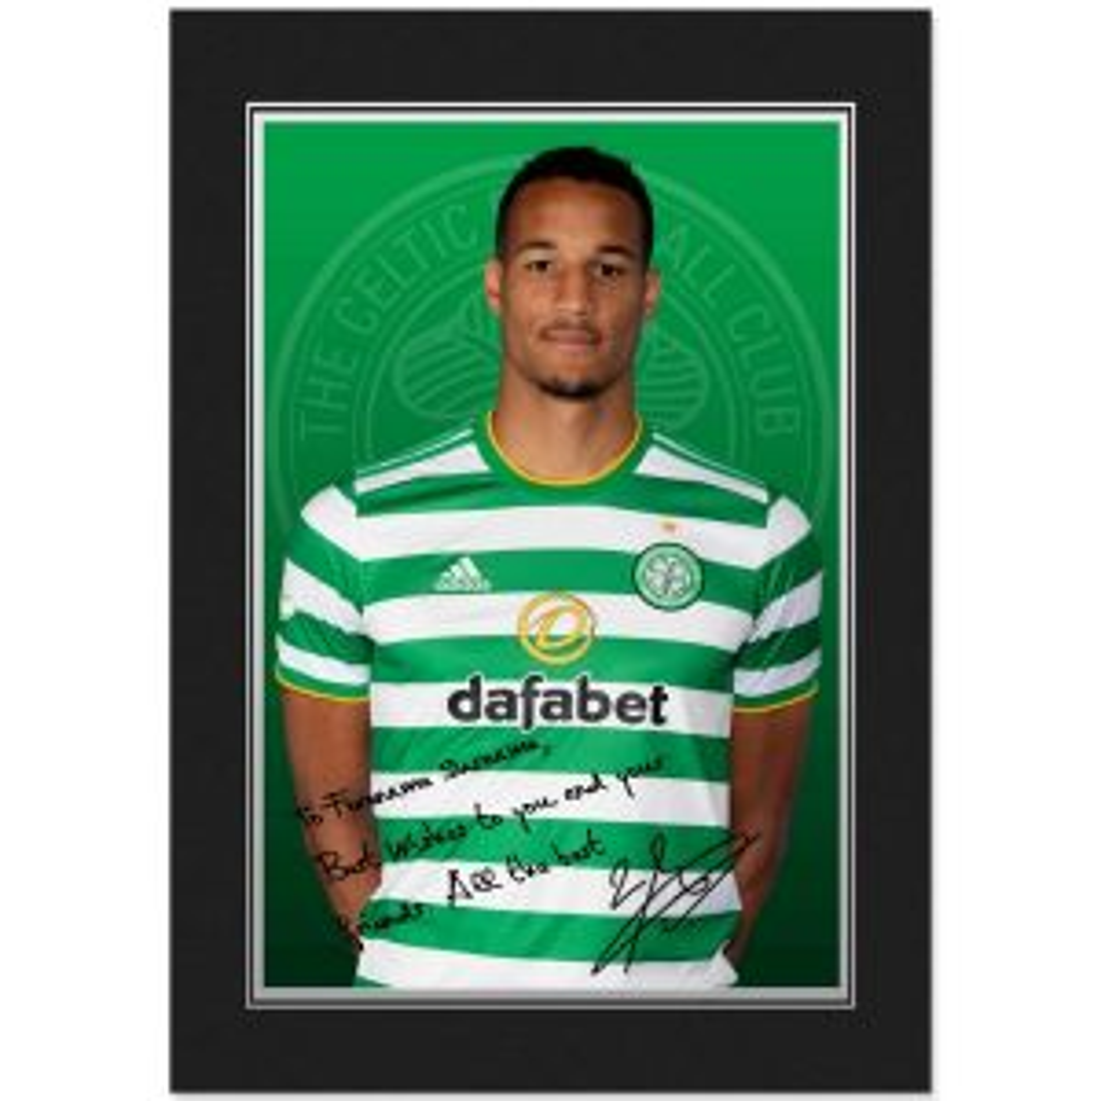 Celtic FC Jullien Autograph Photo Folder